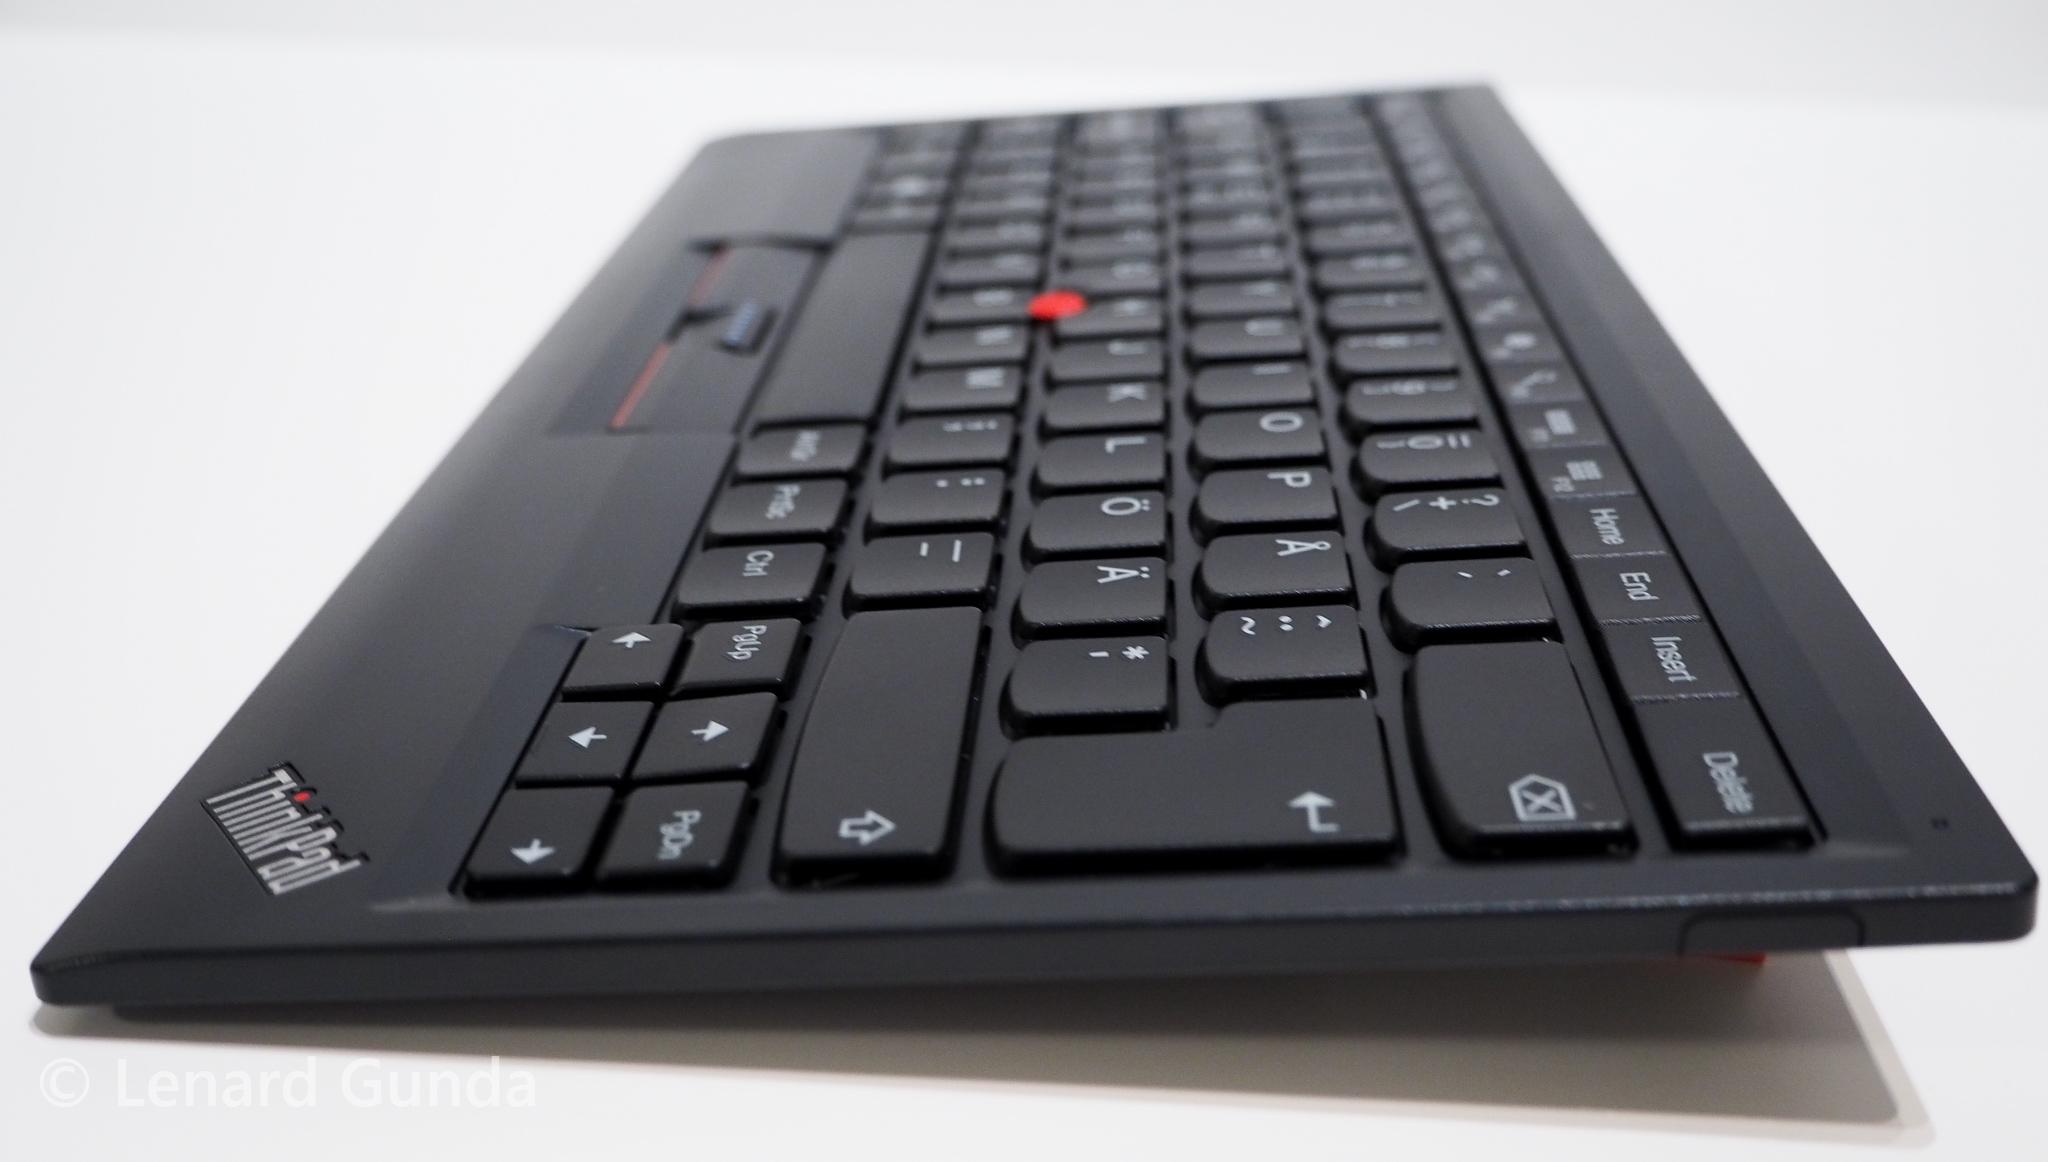 ThinkPad Compact Keyboard - LenardGunda com